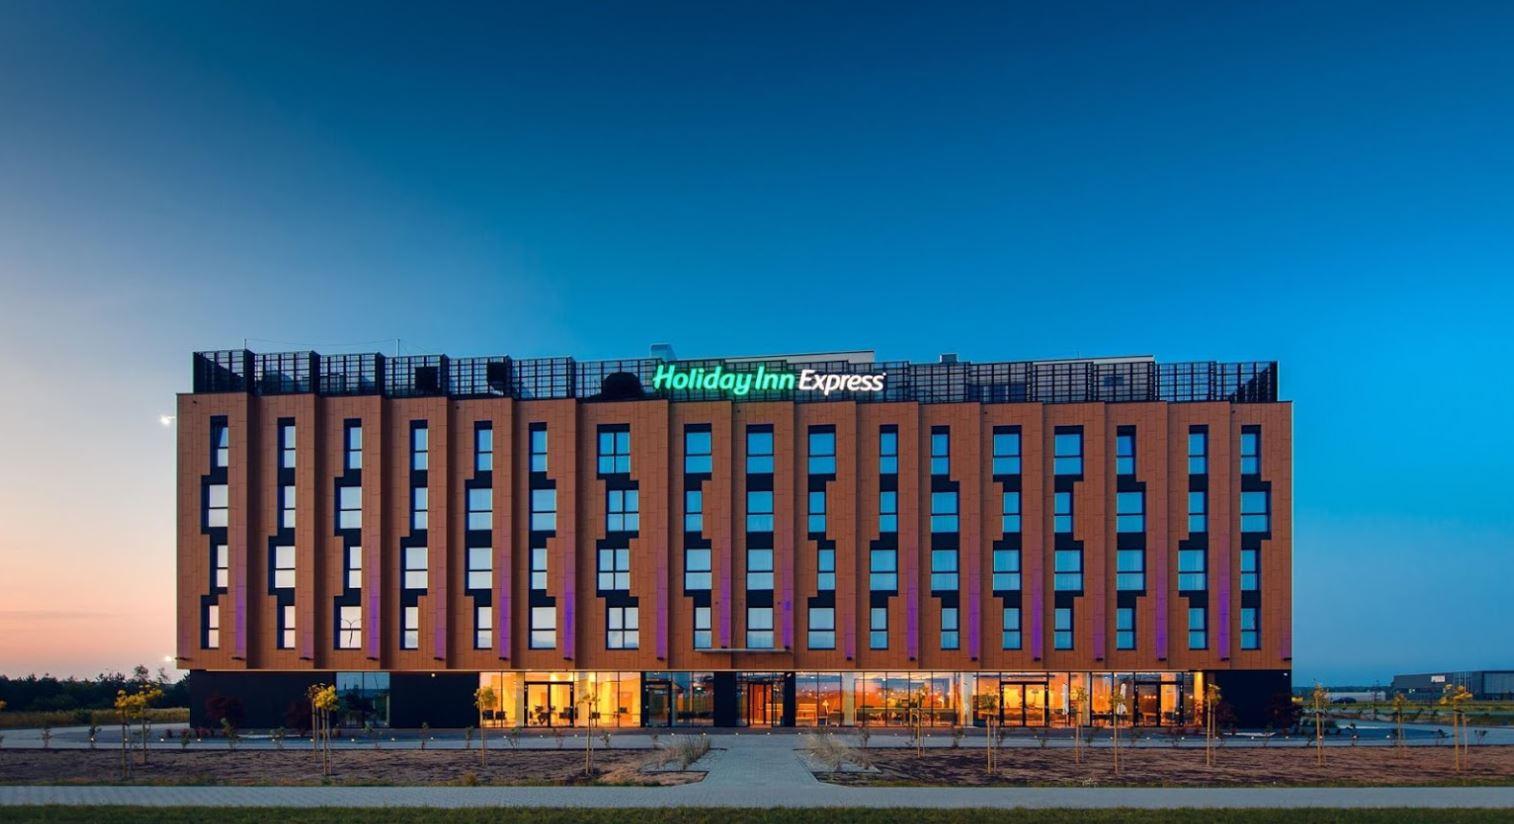 Hotel Holiday Inn Express przy porcie lotniczym Rzeszów Jasionka